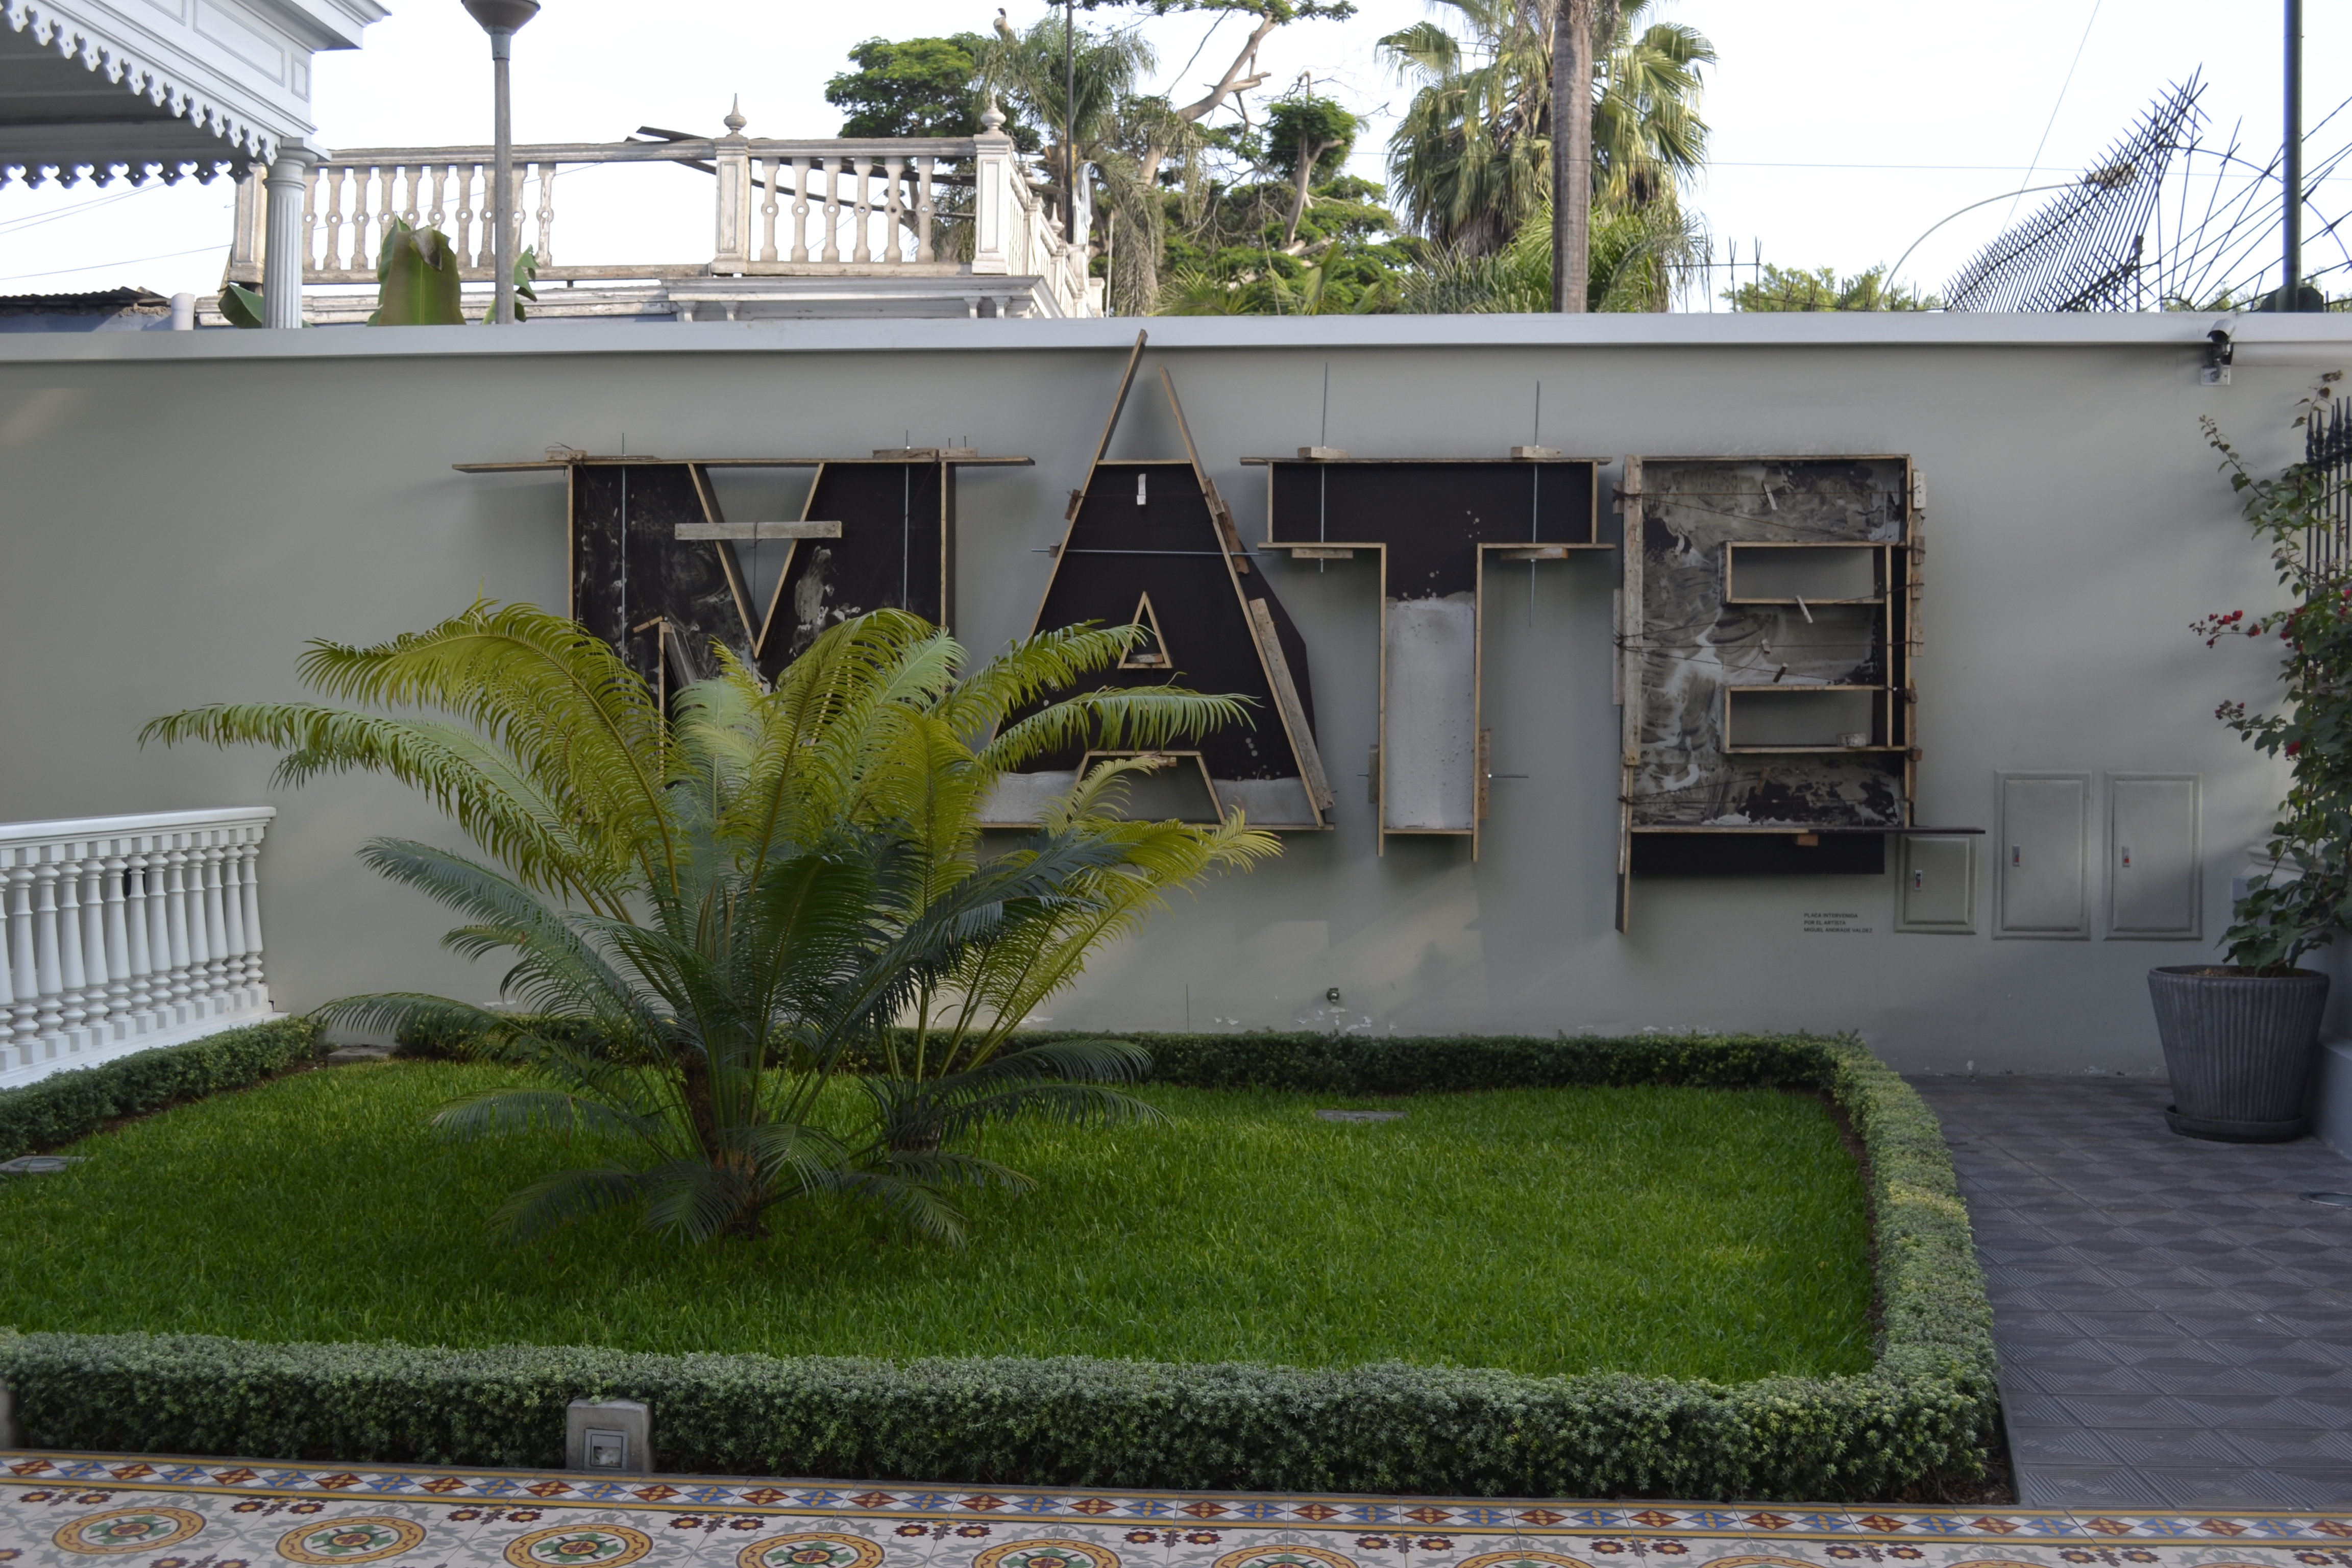 MATE, Asociación Mario Testino: Moda y arte como legado cultural